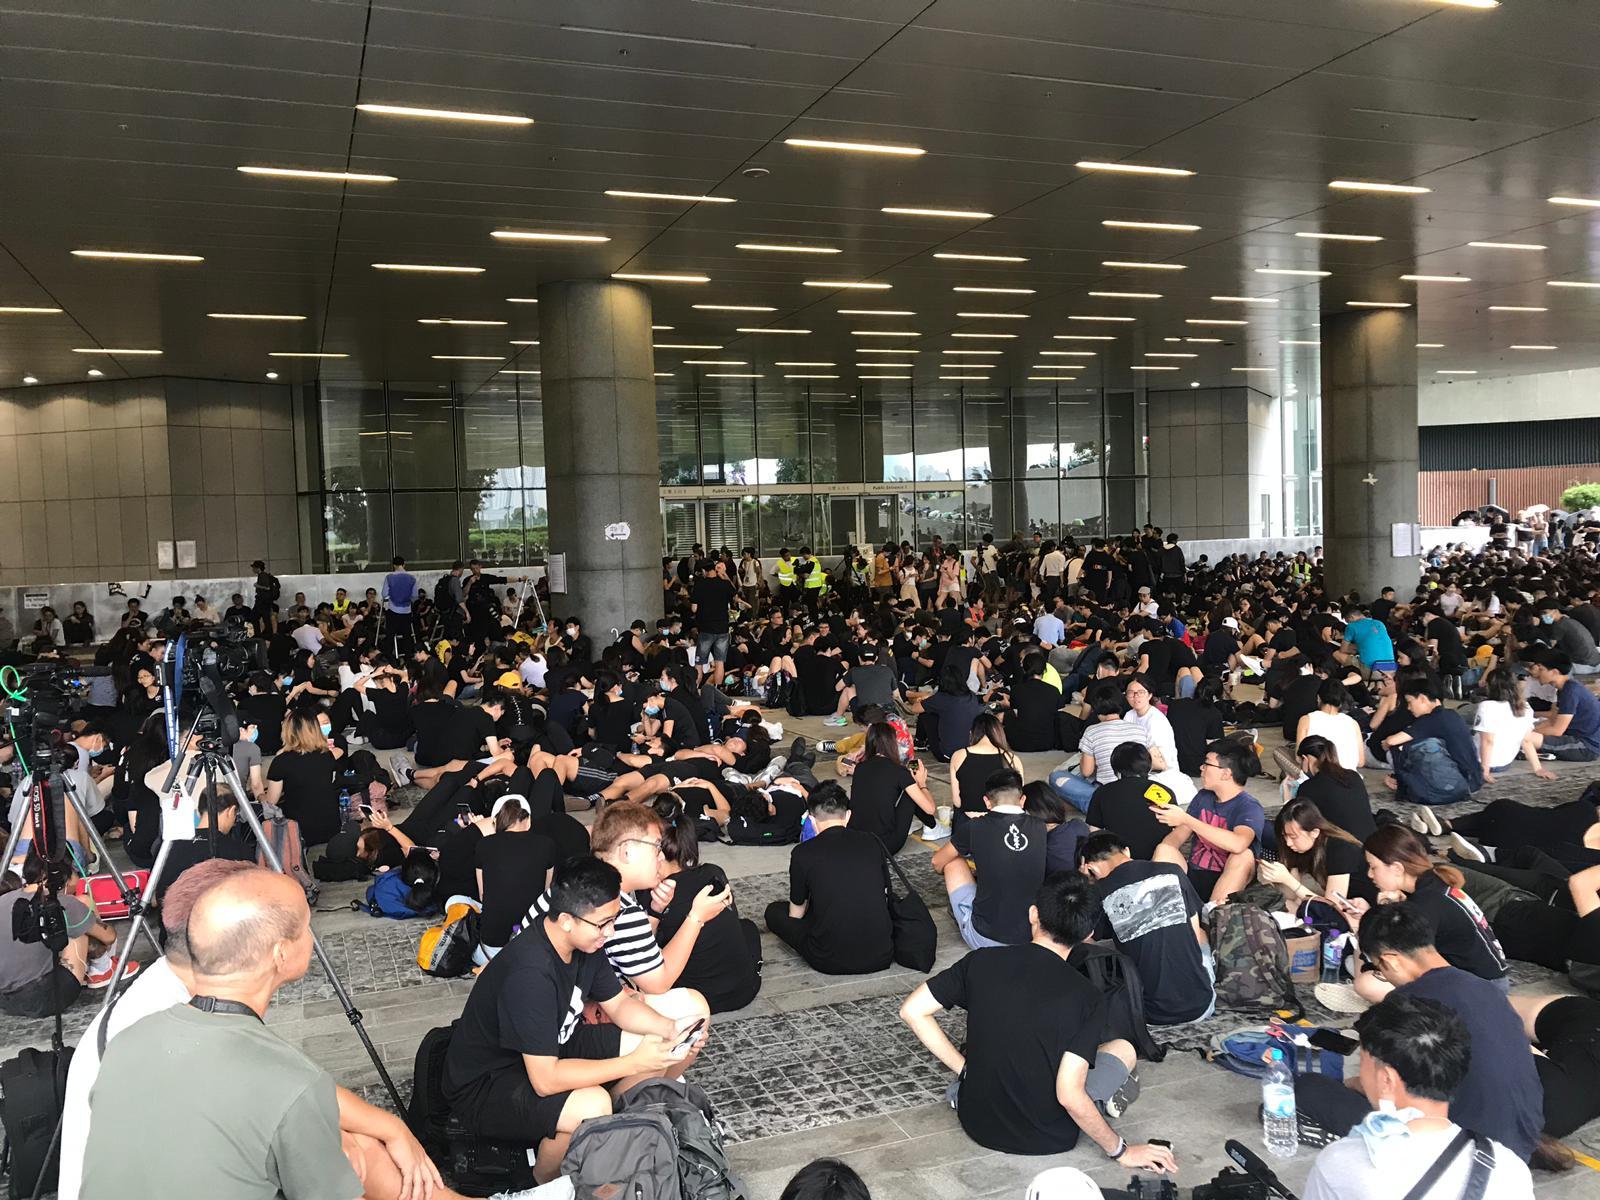 立法會示威區有數百名示威者聚集。